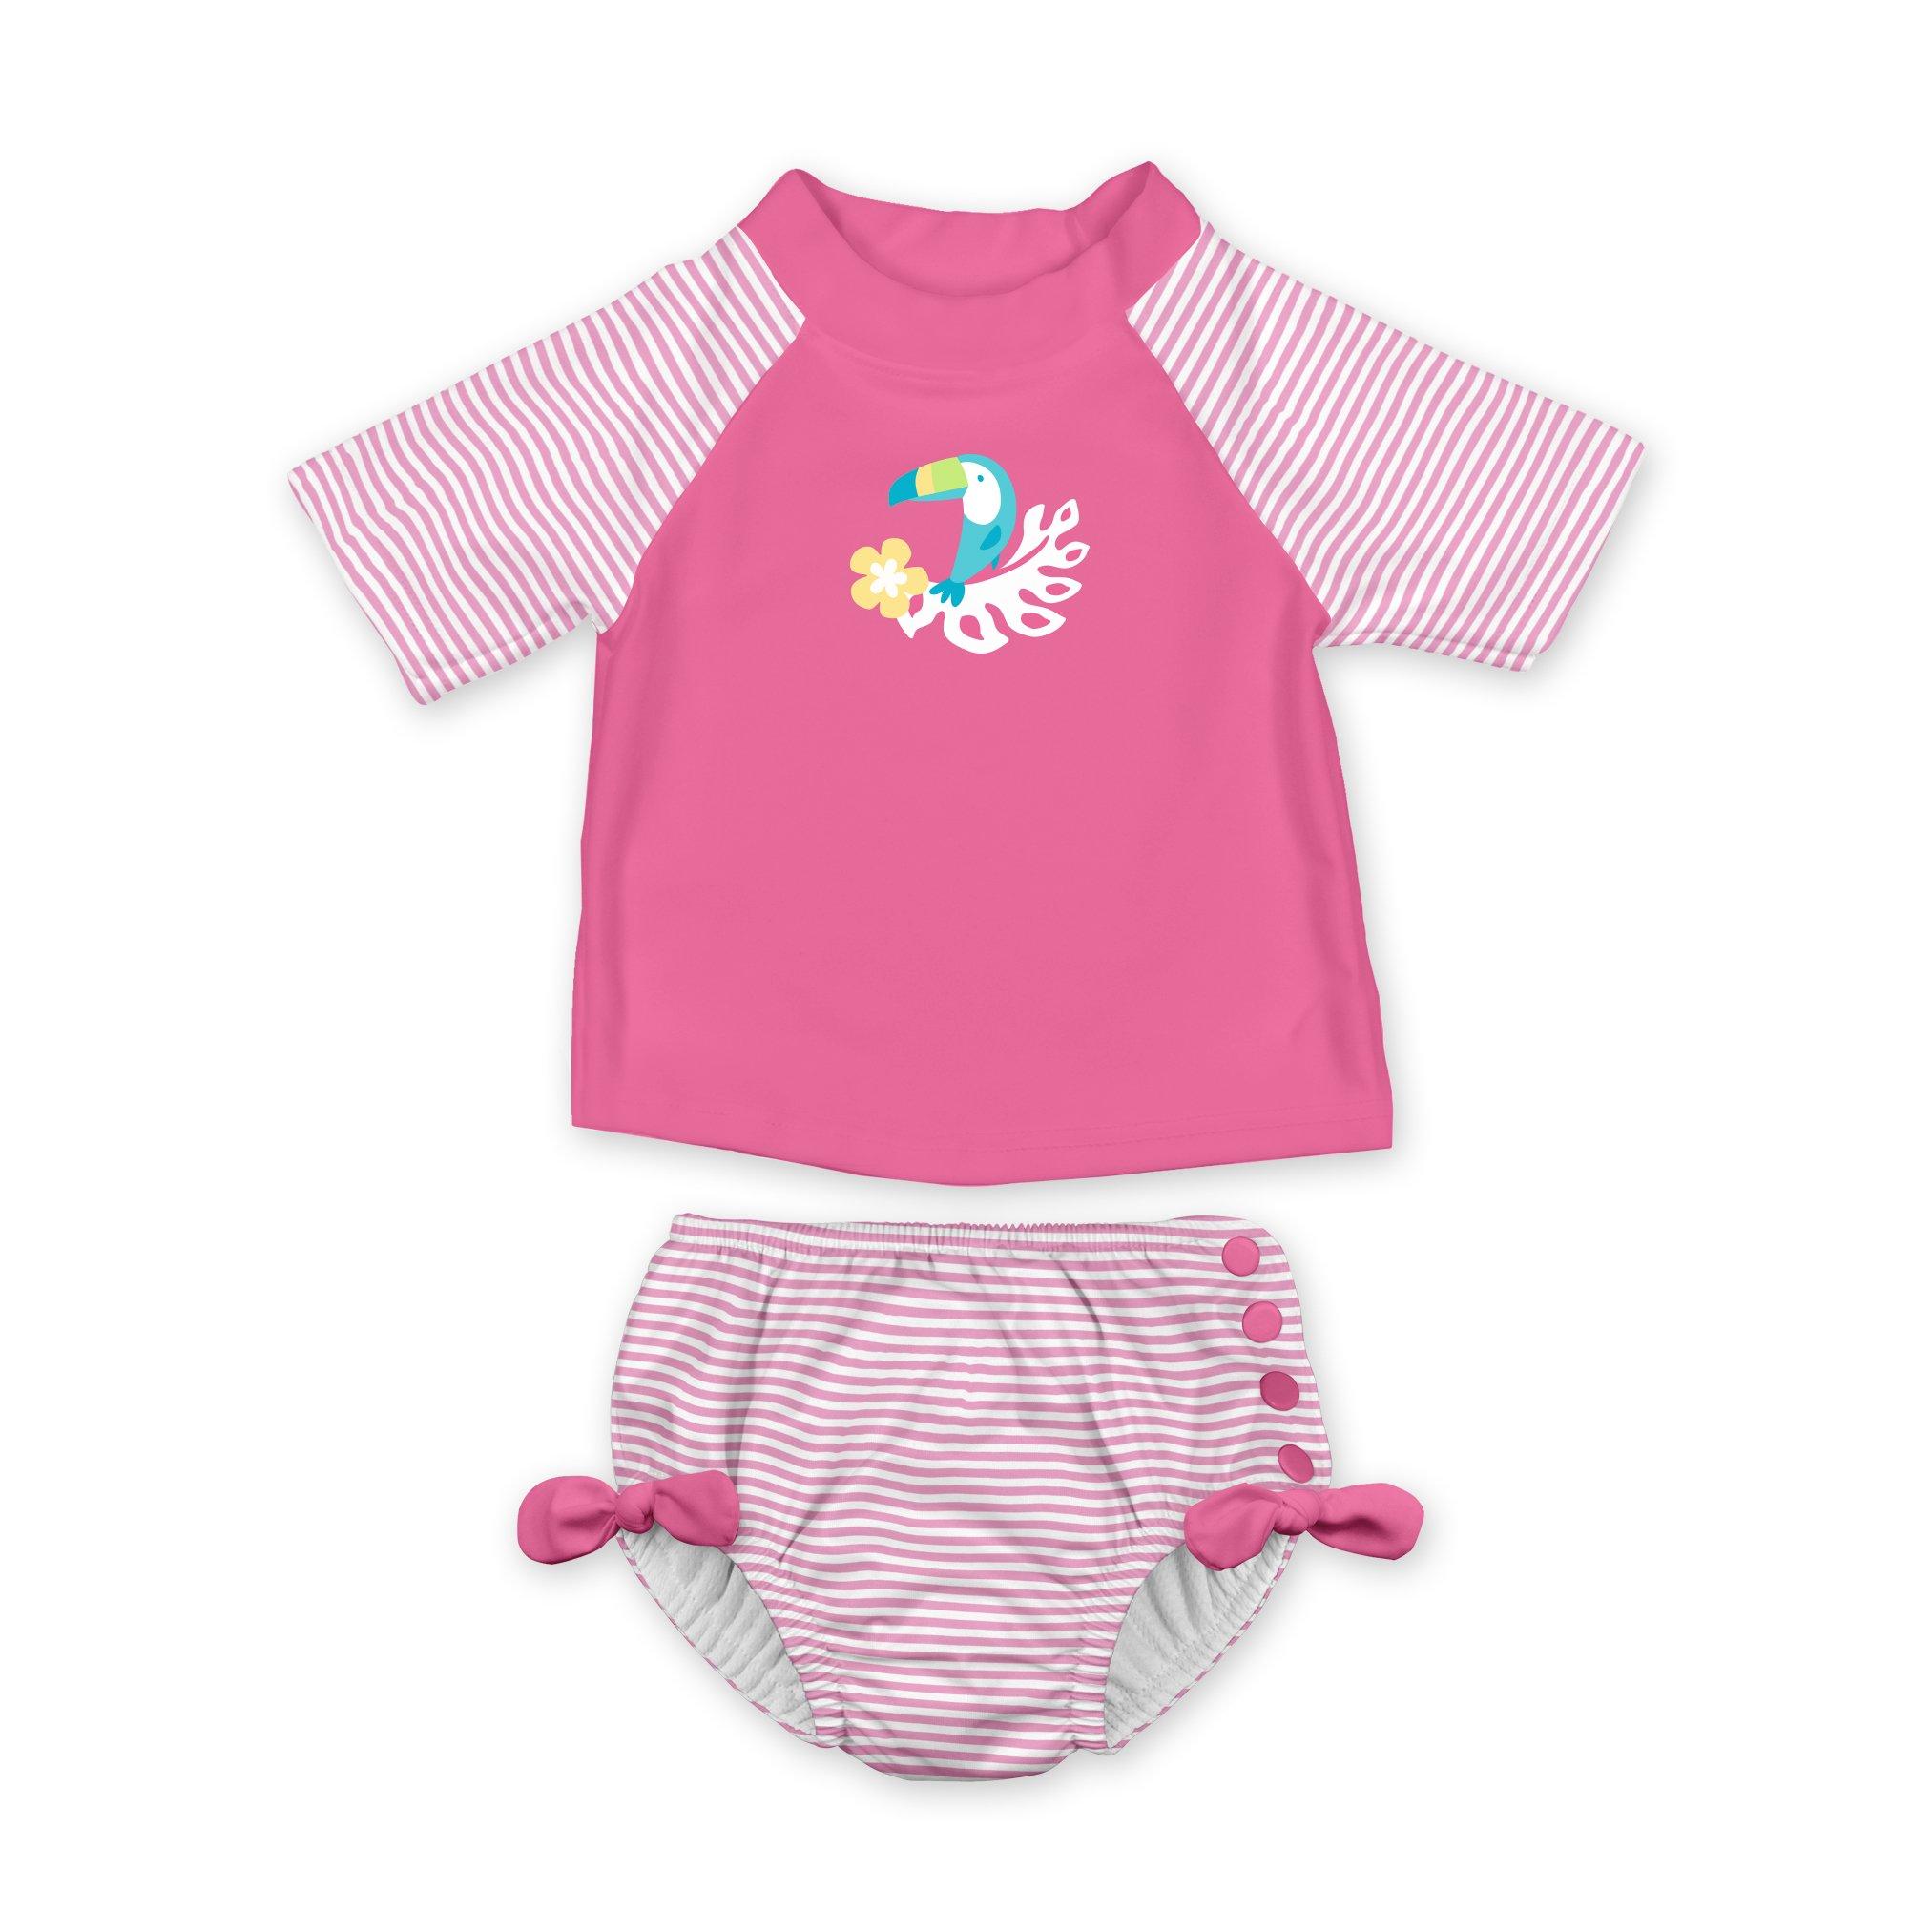 i play. Toddler Girls' 2pc Rashguard Swimsuit Set